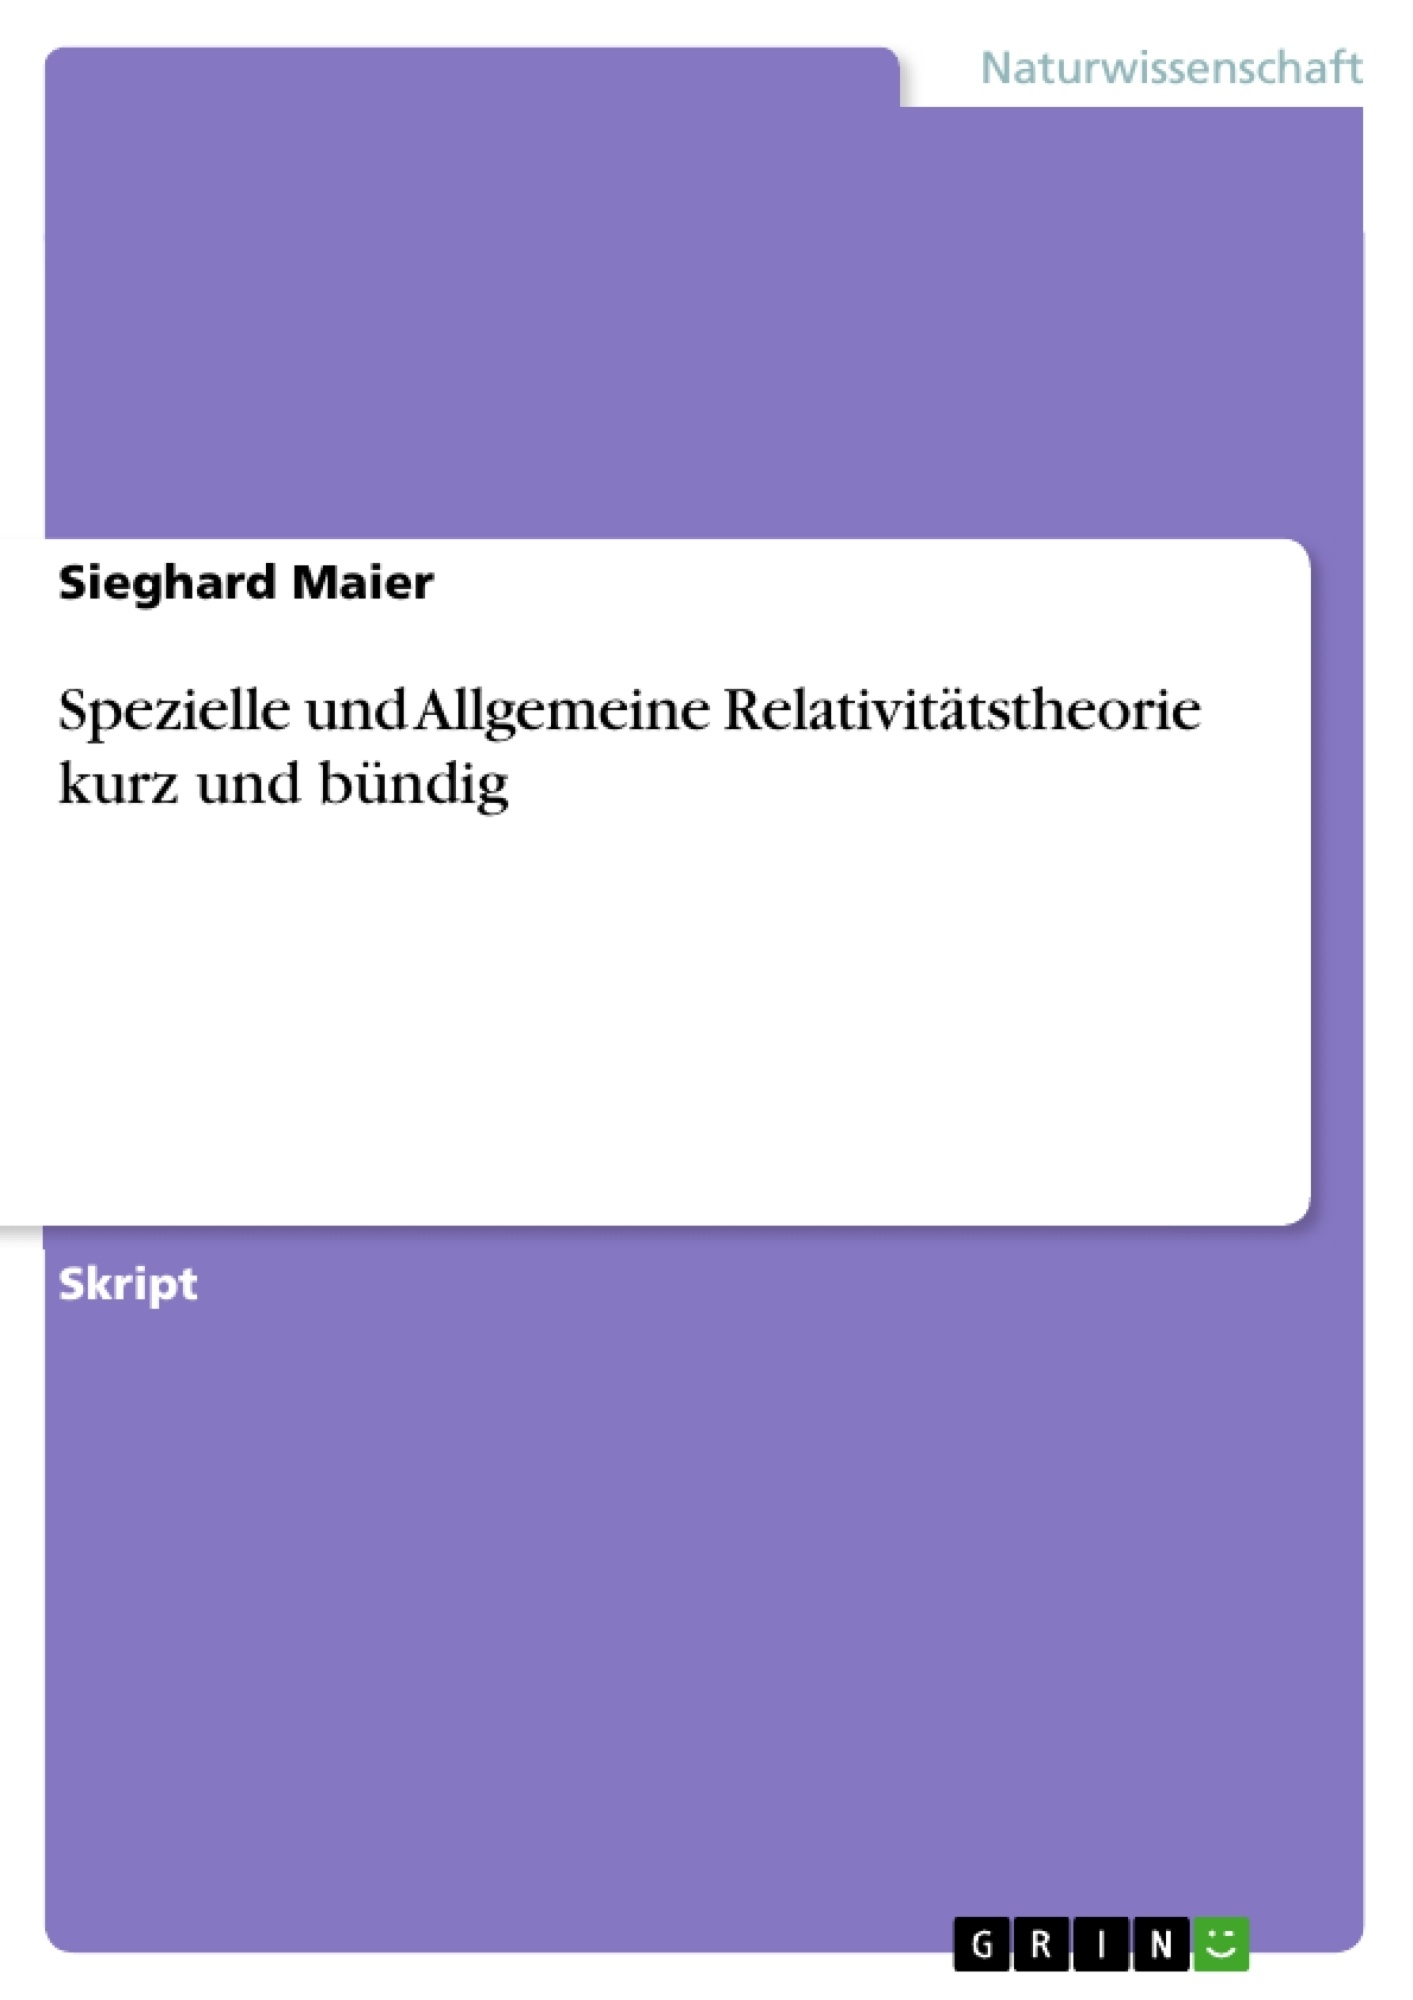 Titel: Spezielle und Allgemeine Relativitätstheorie kurz und bündig